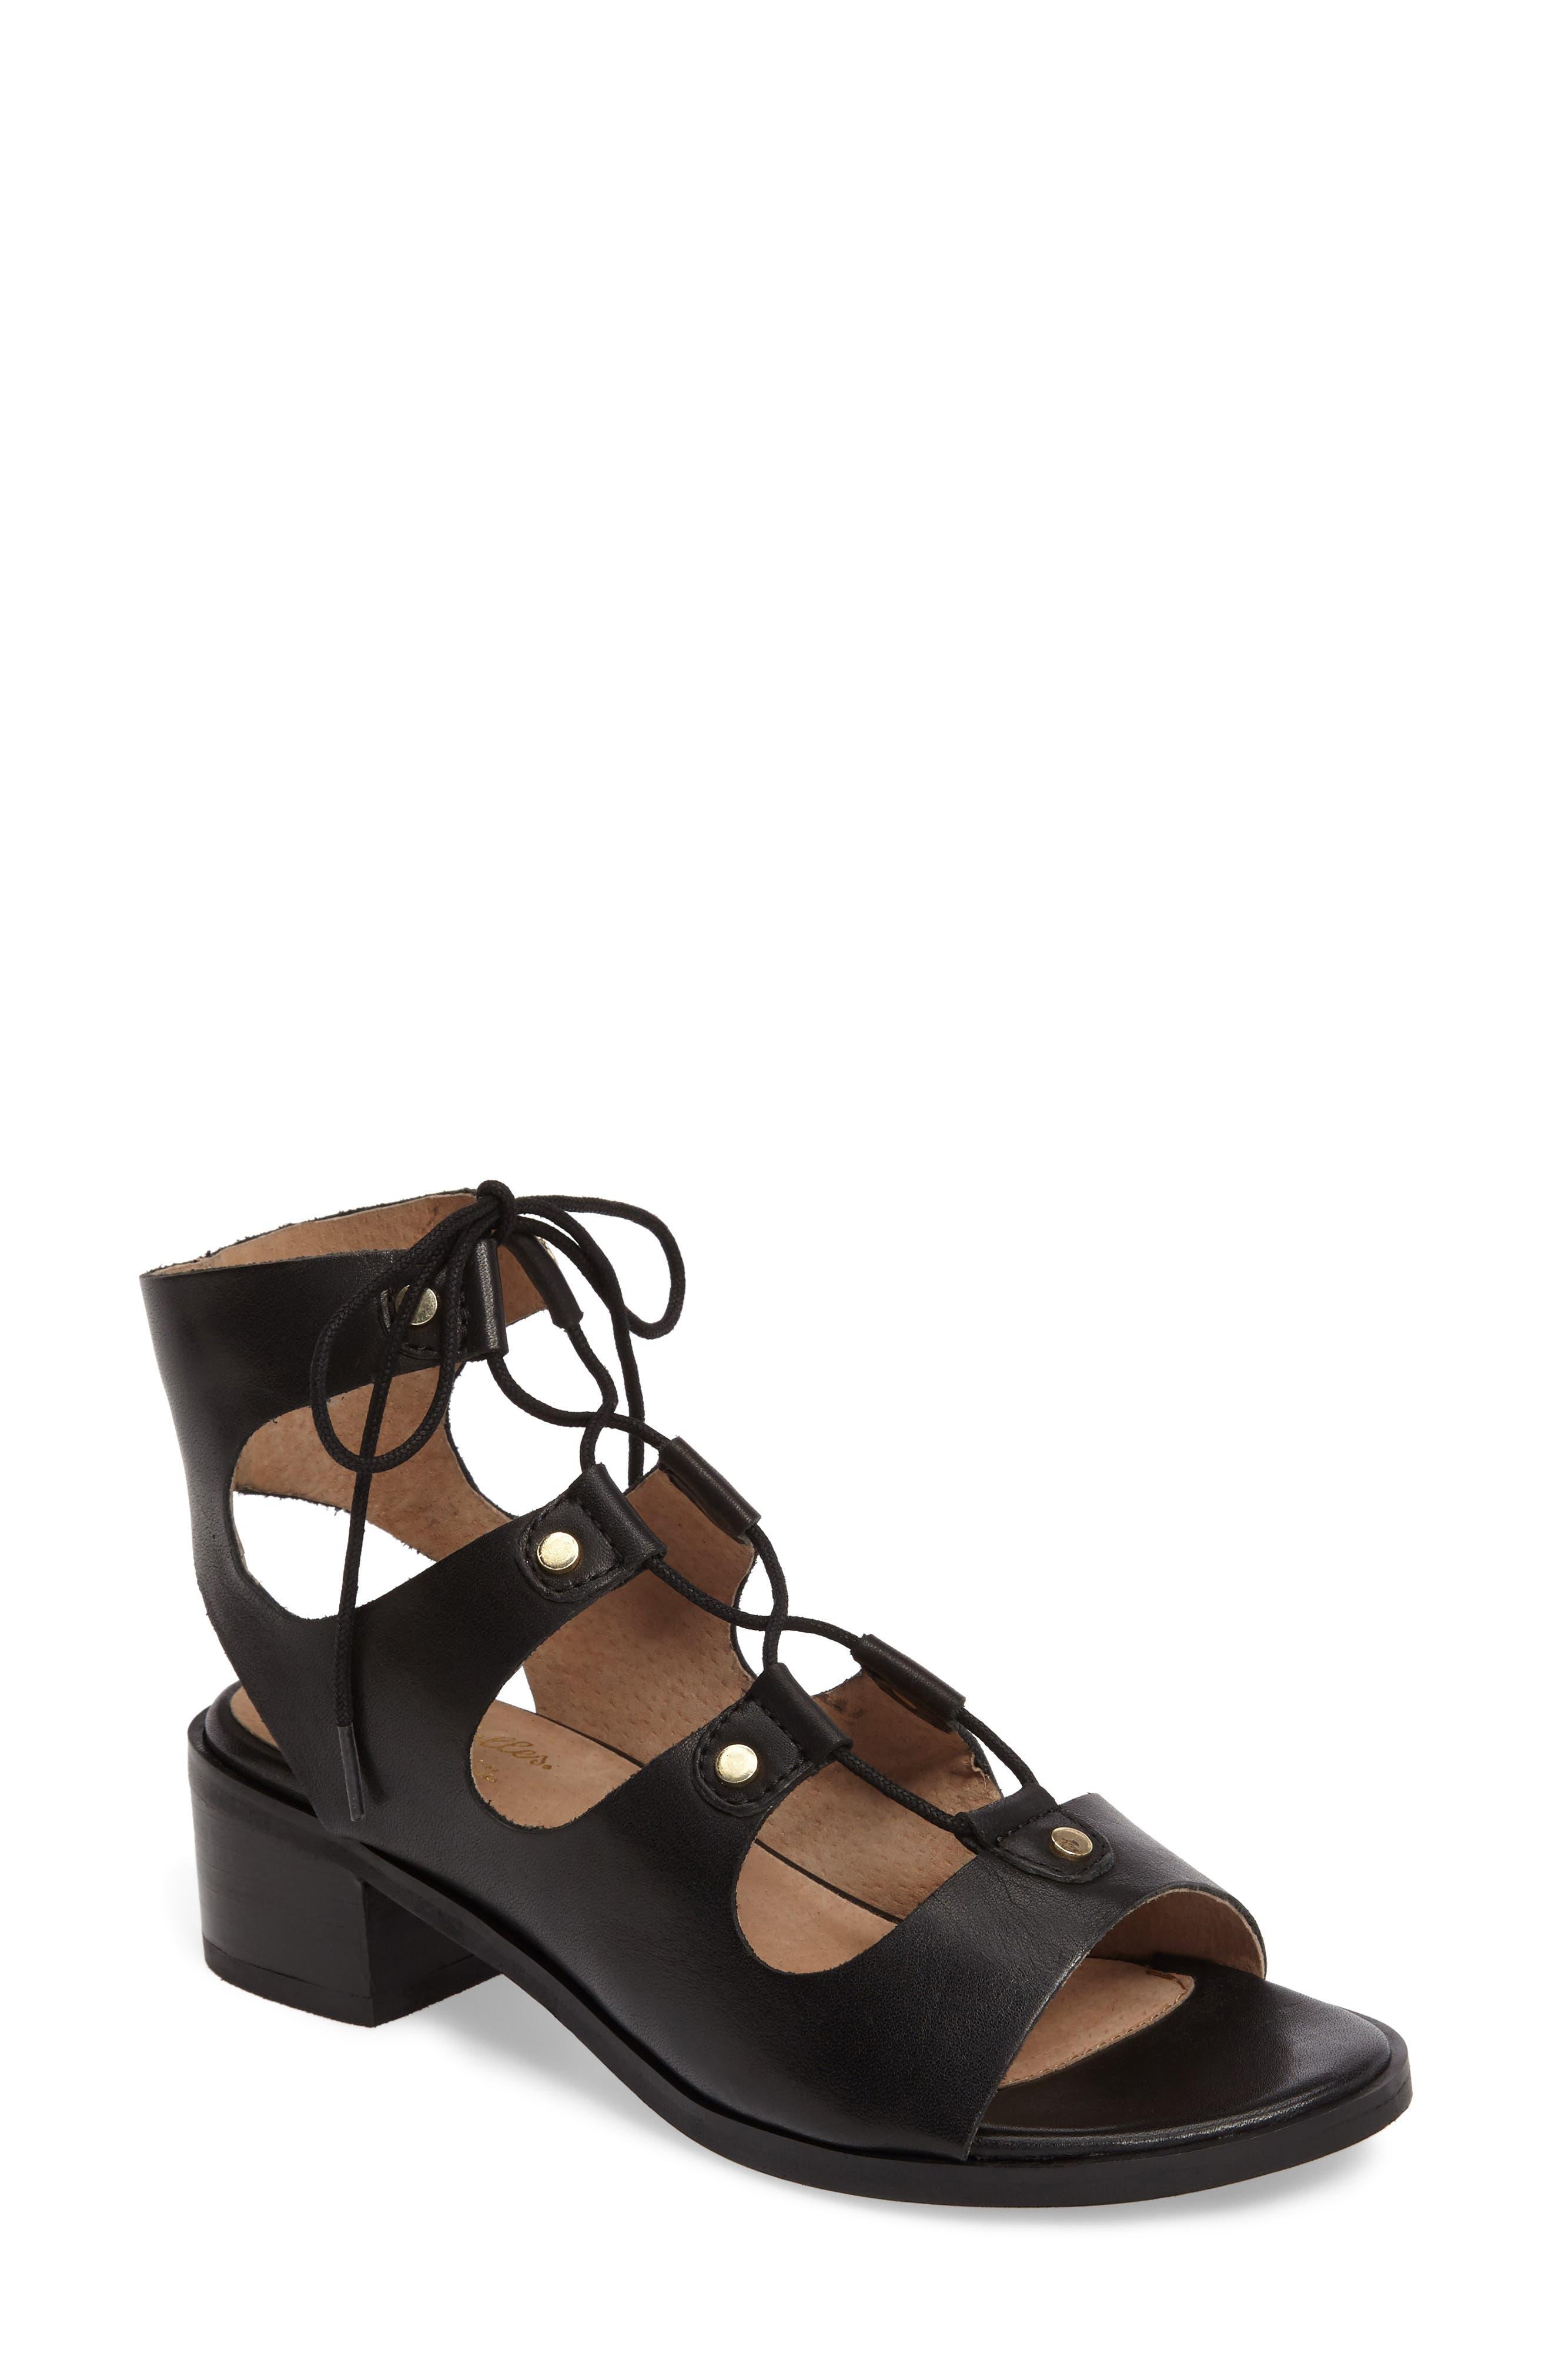 Main Image - Seychelles Love Affair Lace-Up Sandal (Women)